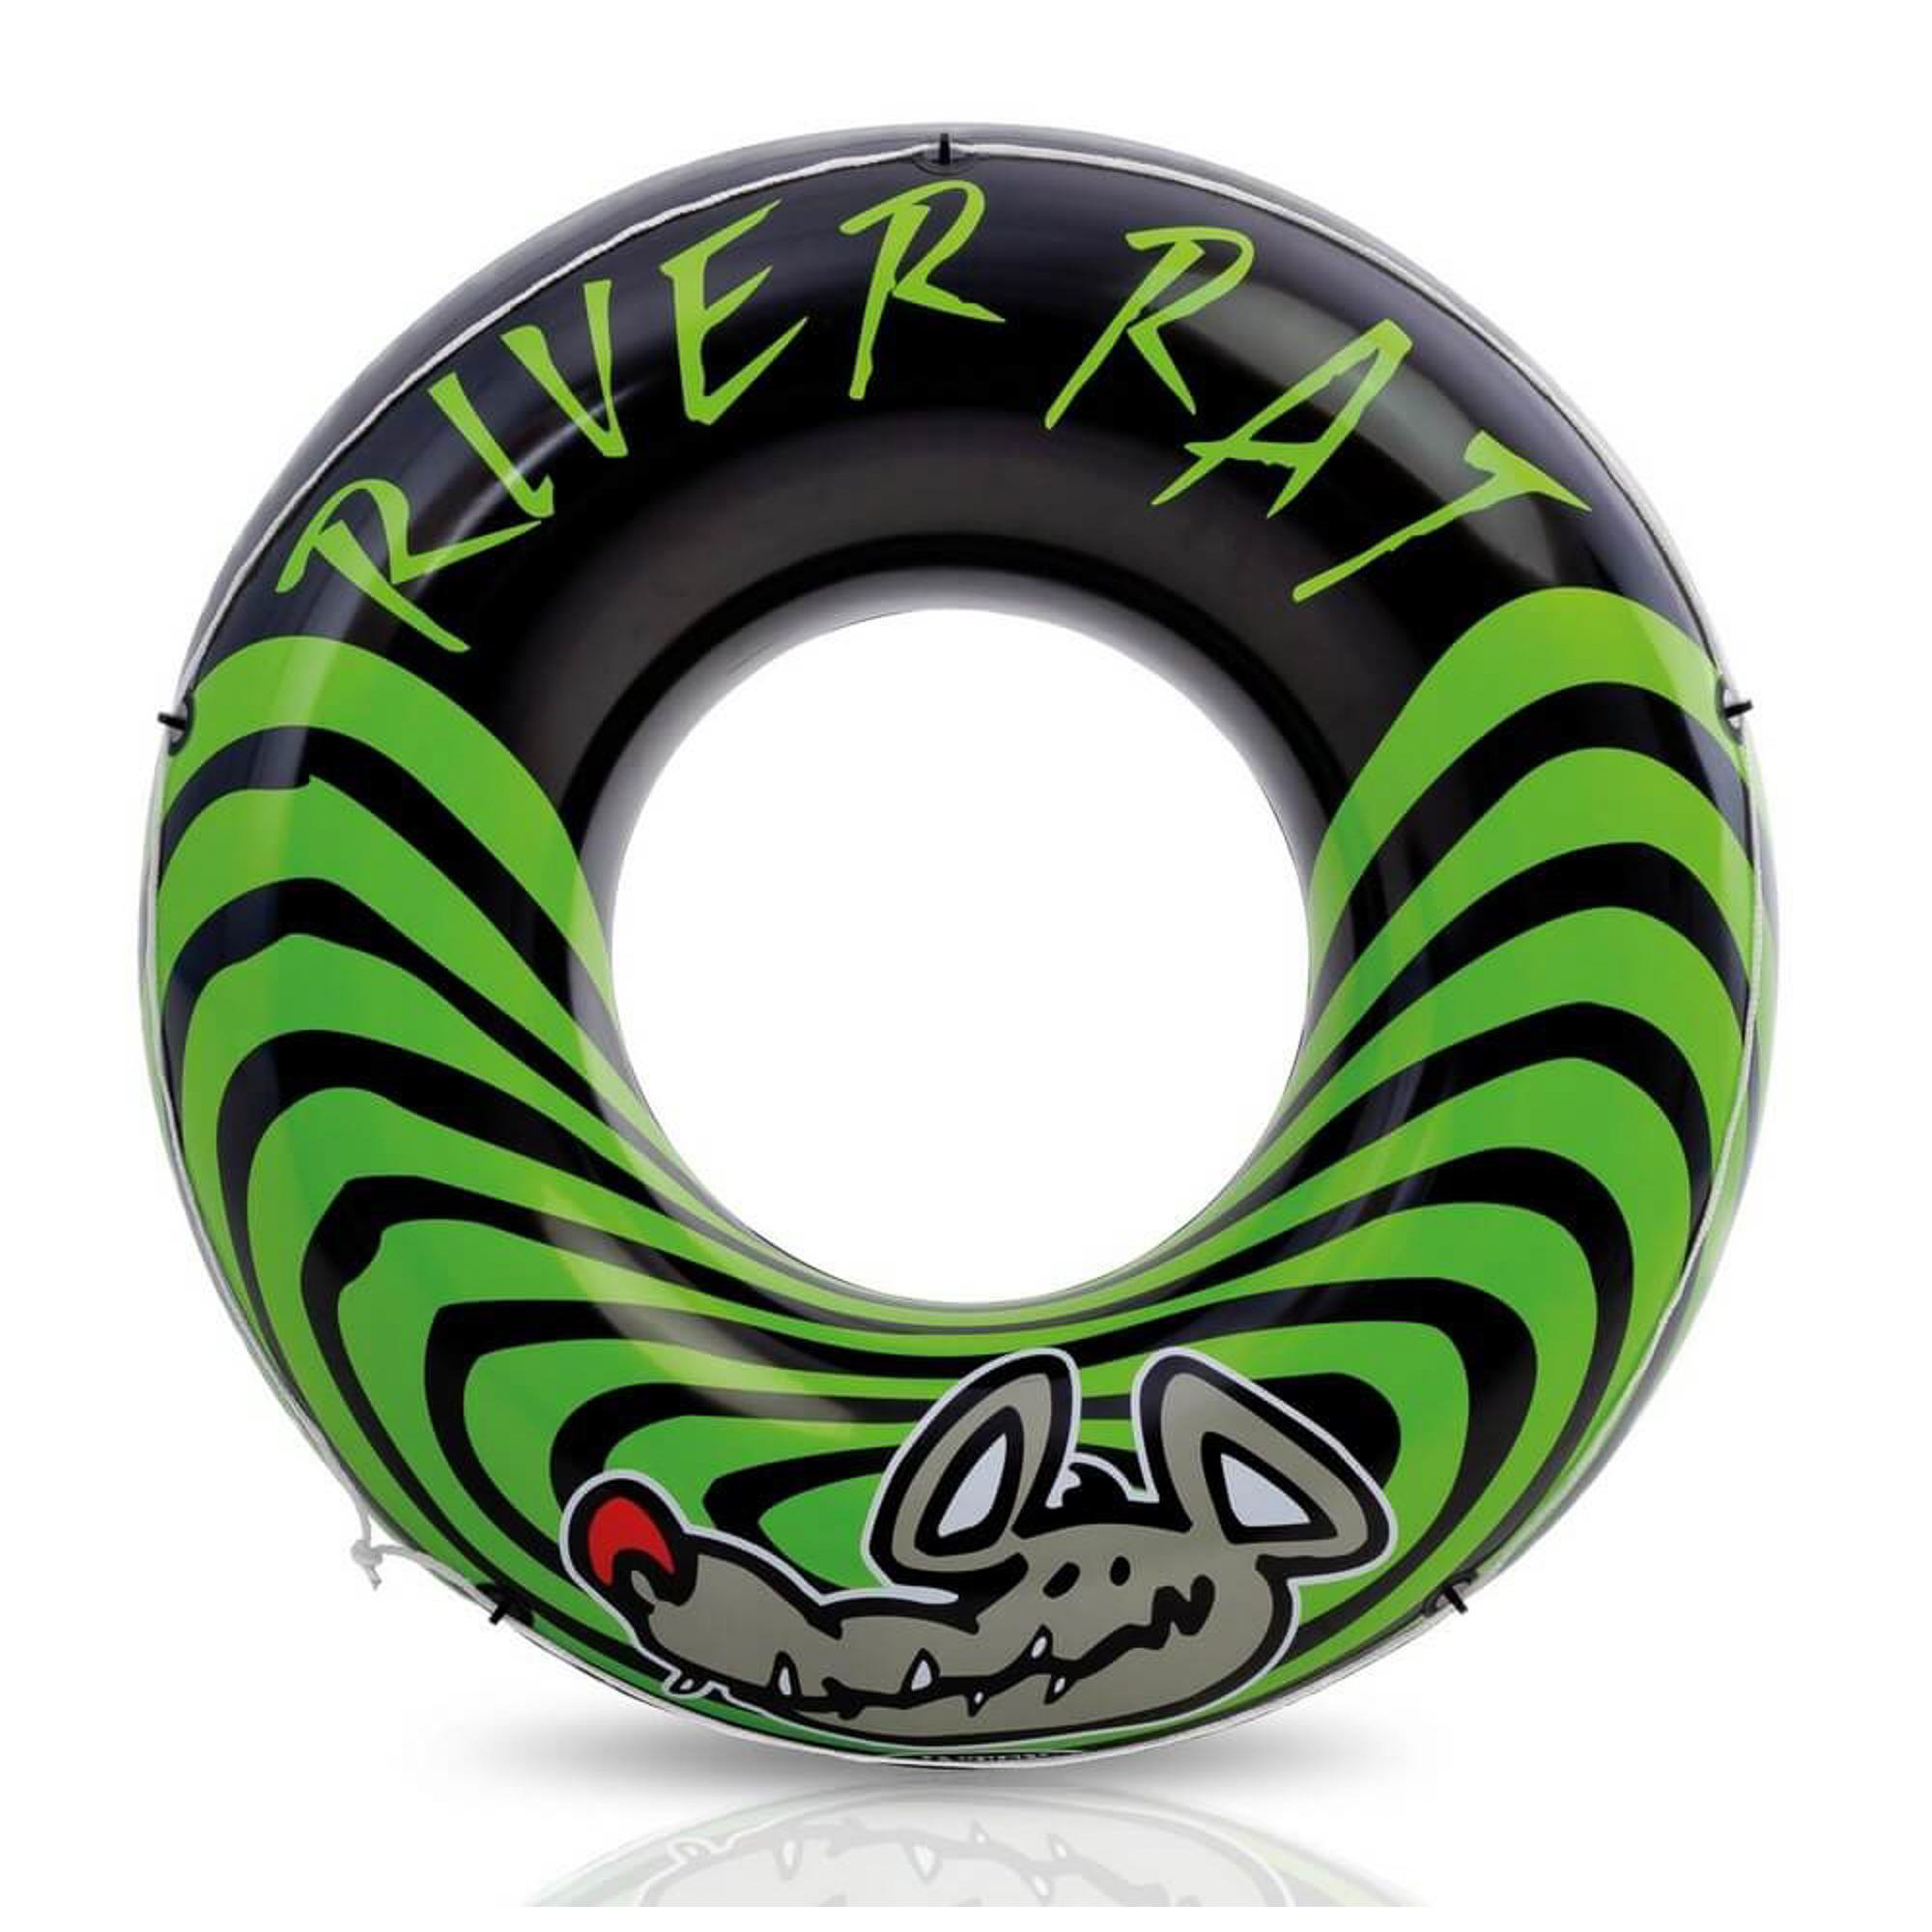 Круг для плавания Intex River rat 122 см (68209NP) intex надувной круг для плавания русалка 147х107х79 см